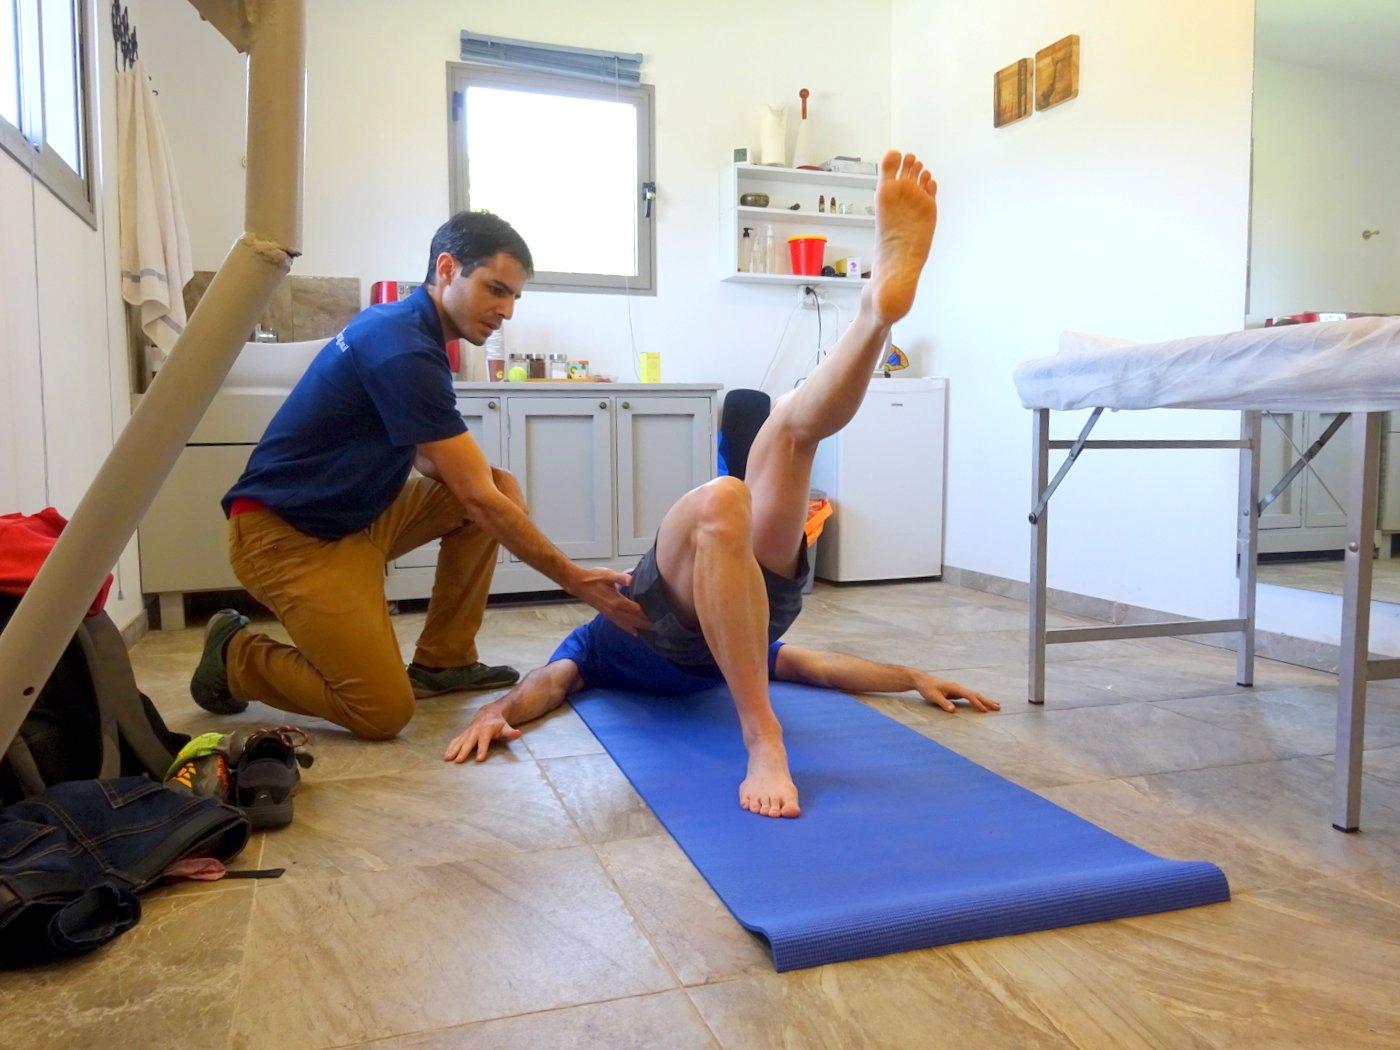 פציעות ריצה נפוצות- פגיעות שרירים וגידים